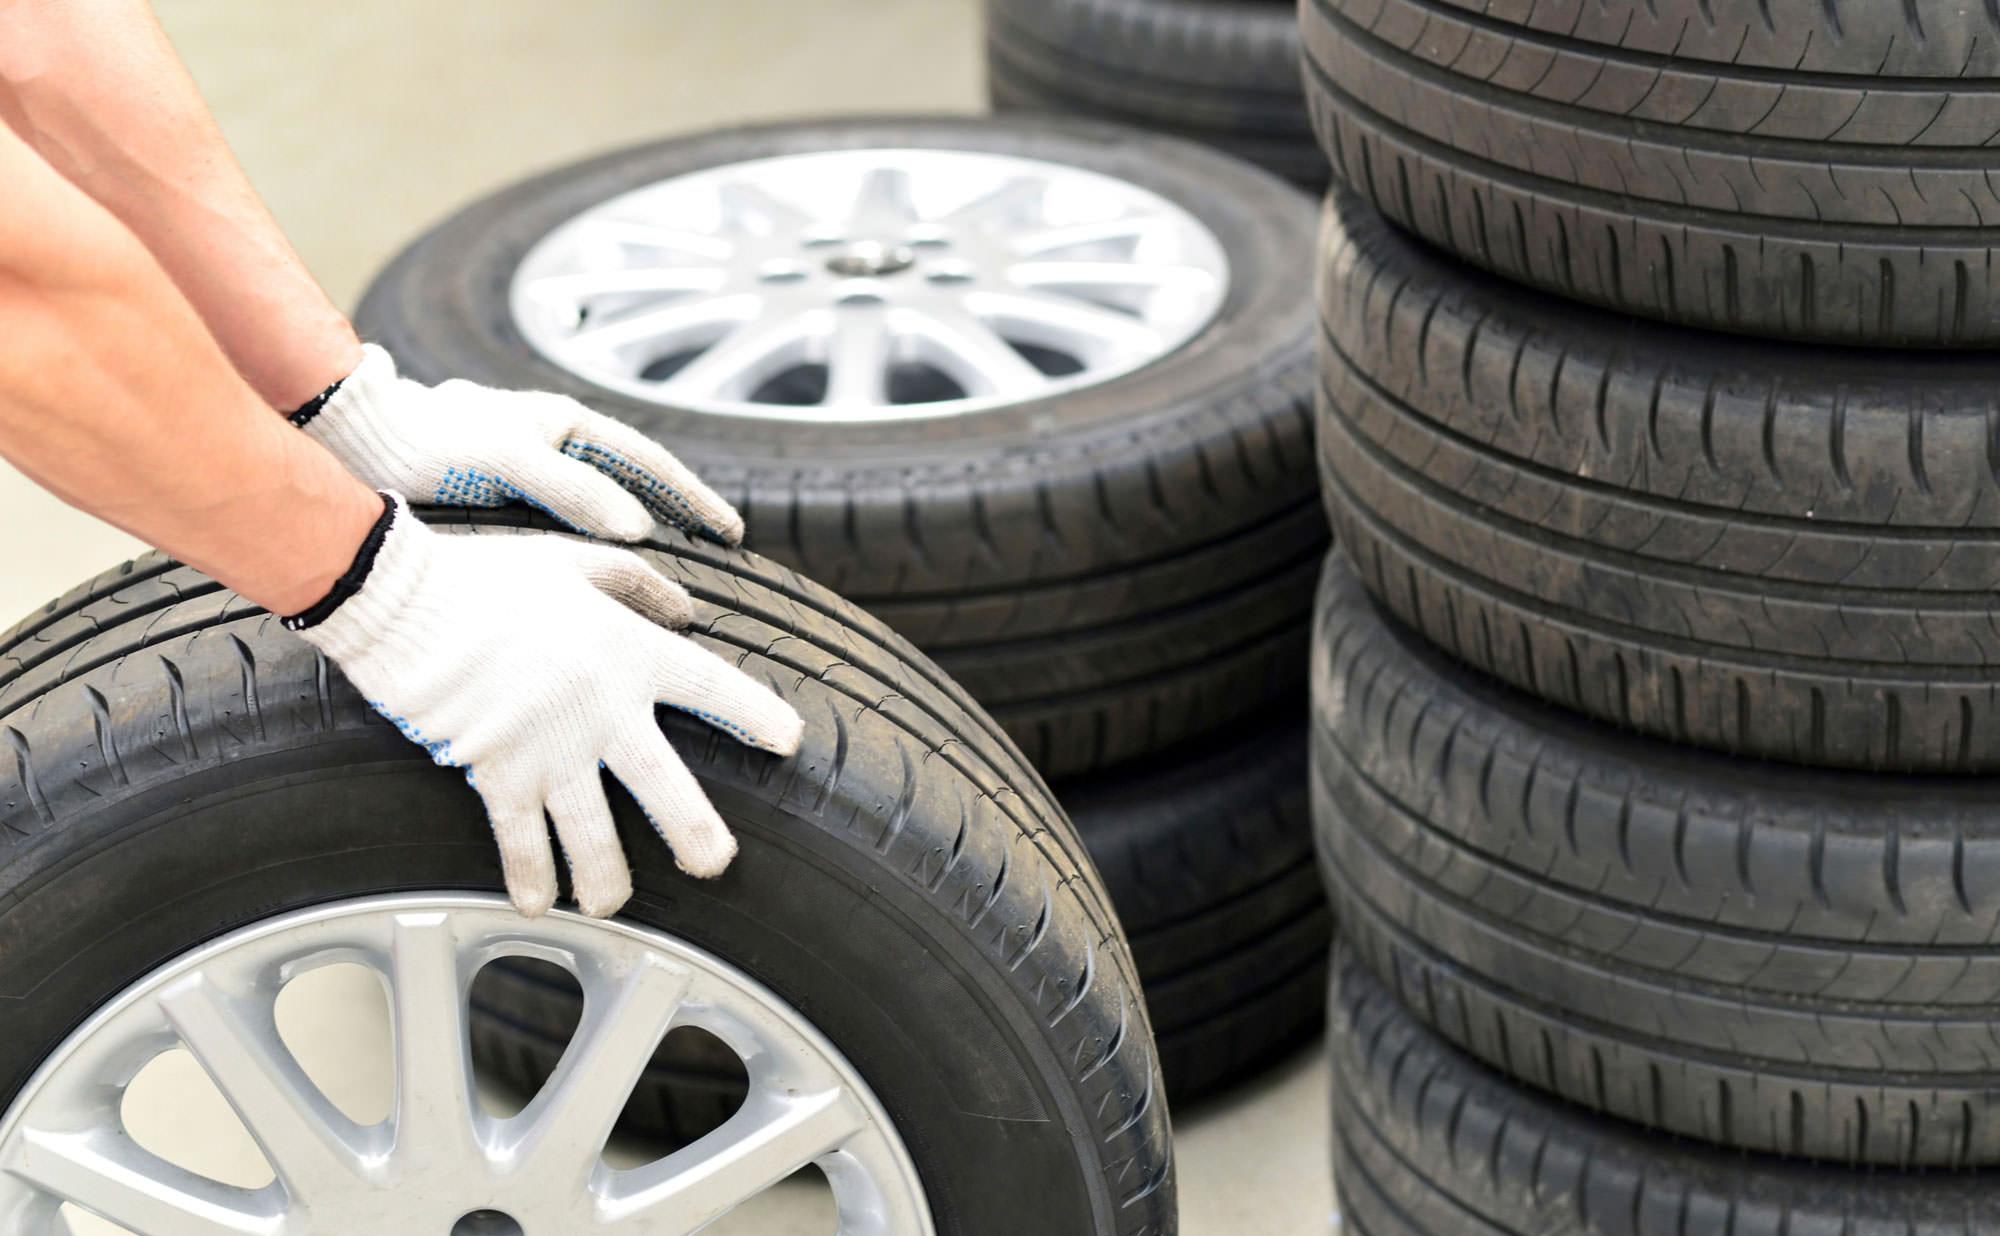 Should New Tires Be Broken In?